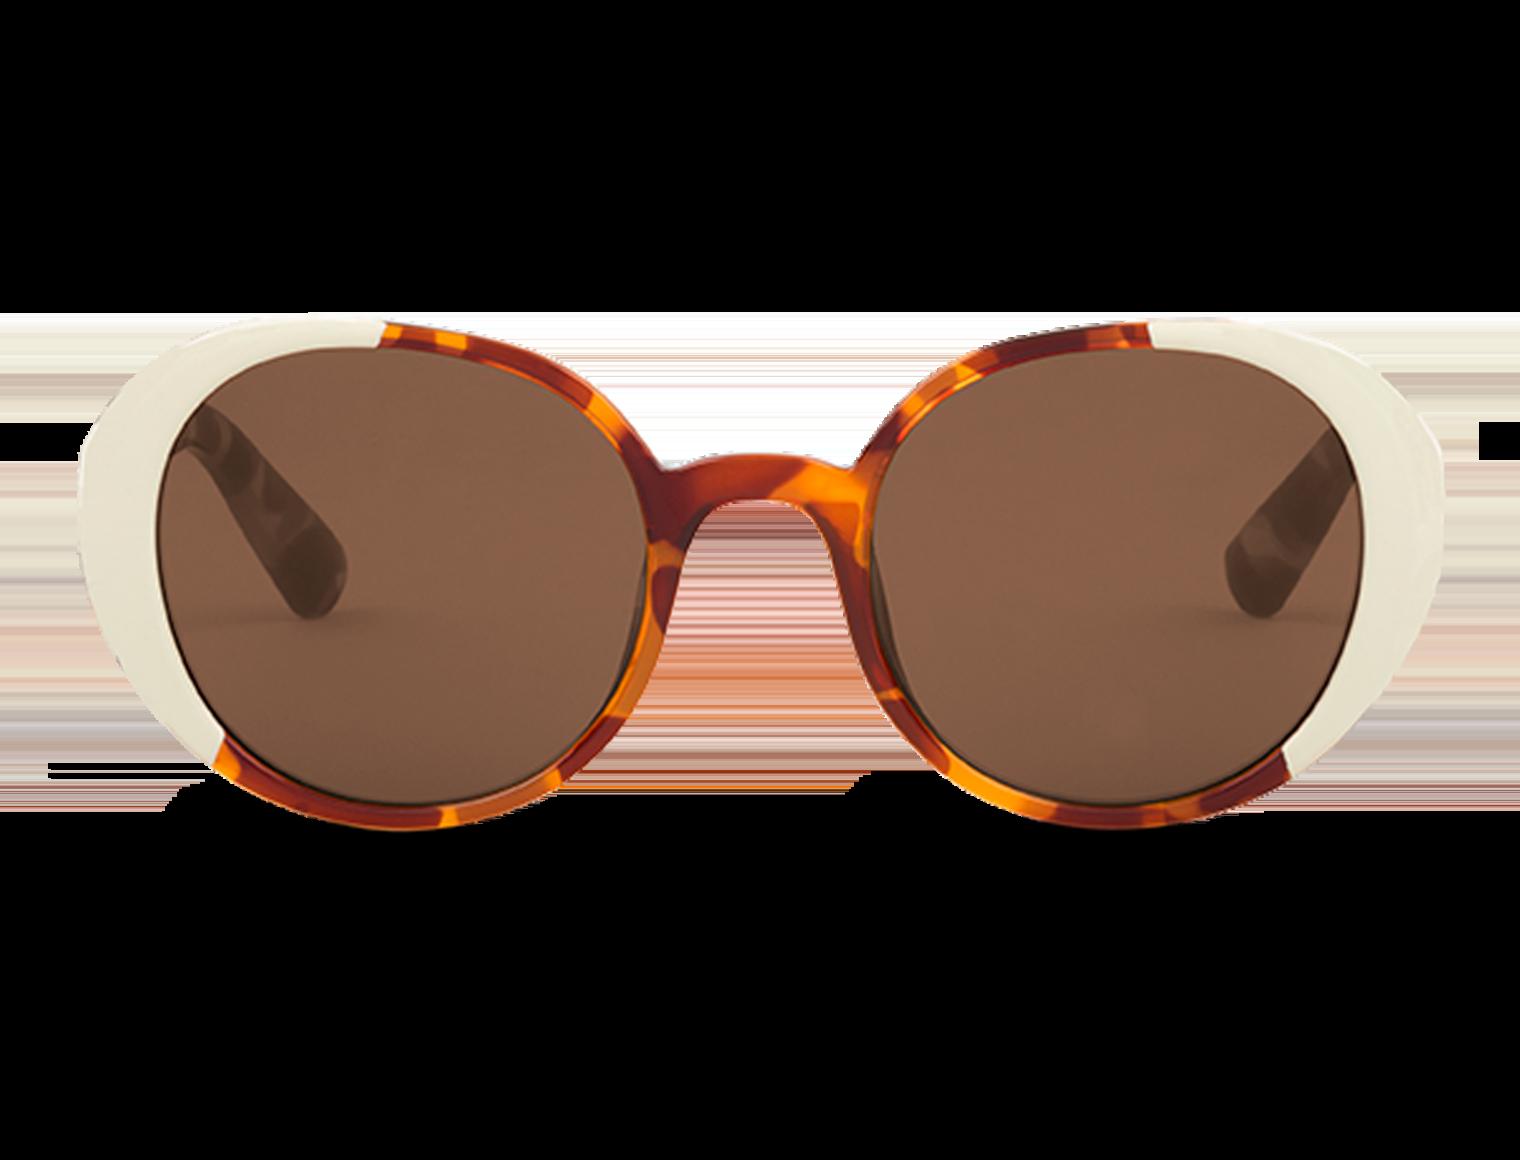 ARROIOS | CREAM/LEO TORTOISE with classical lenses